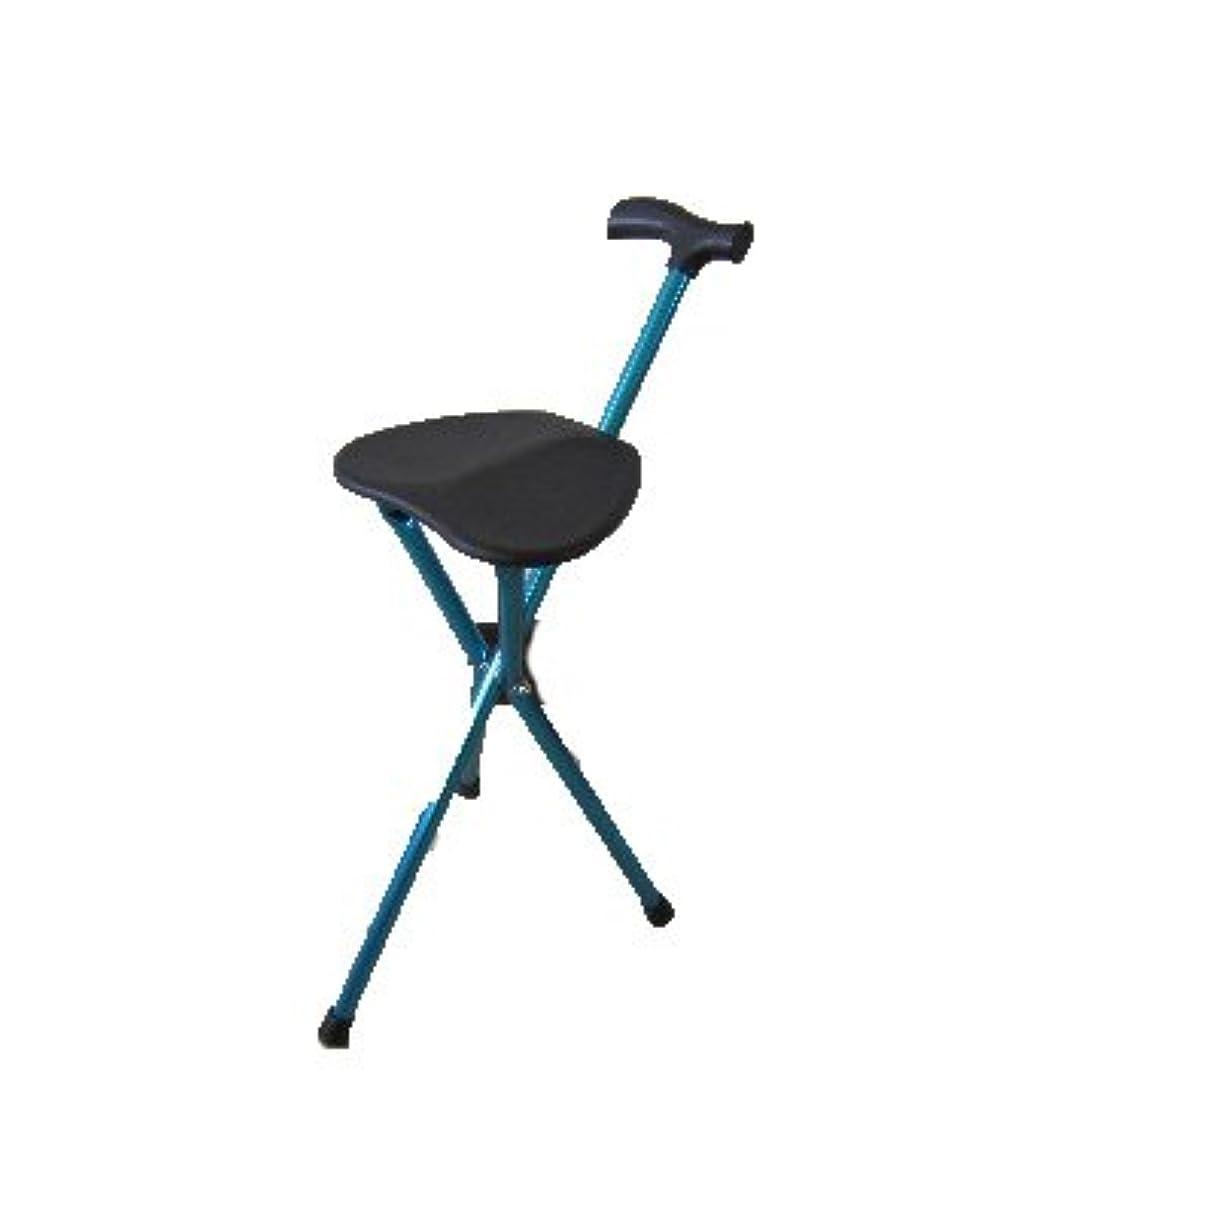 勝利した援助するじゃがいも高齢者のための伸縮自在の杖の椅子3つの脚の折りたたみ可能な杖折りたたみ式のハンドル付きの杖の杖屋外の歩行スティック高さ調節可能な松葉杖滑り止めアルミニウム合金